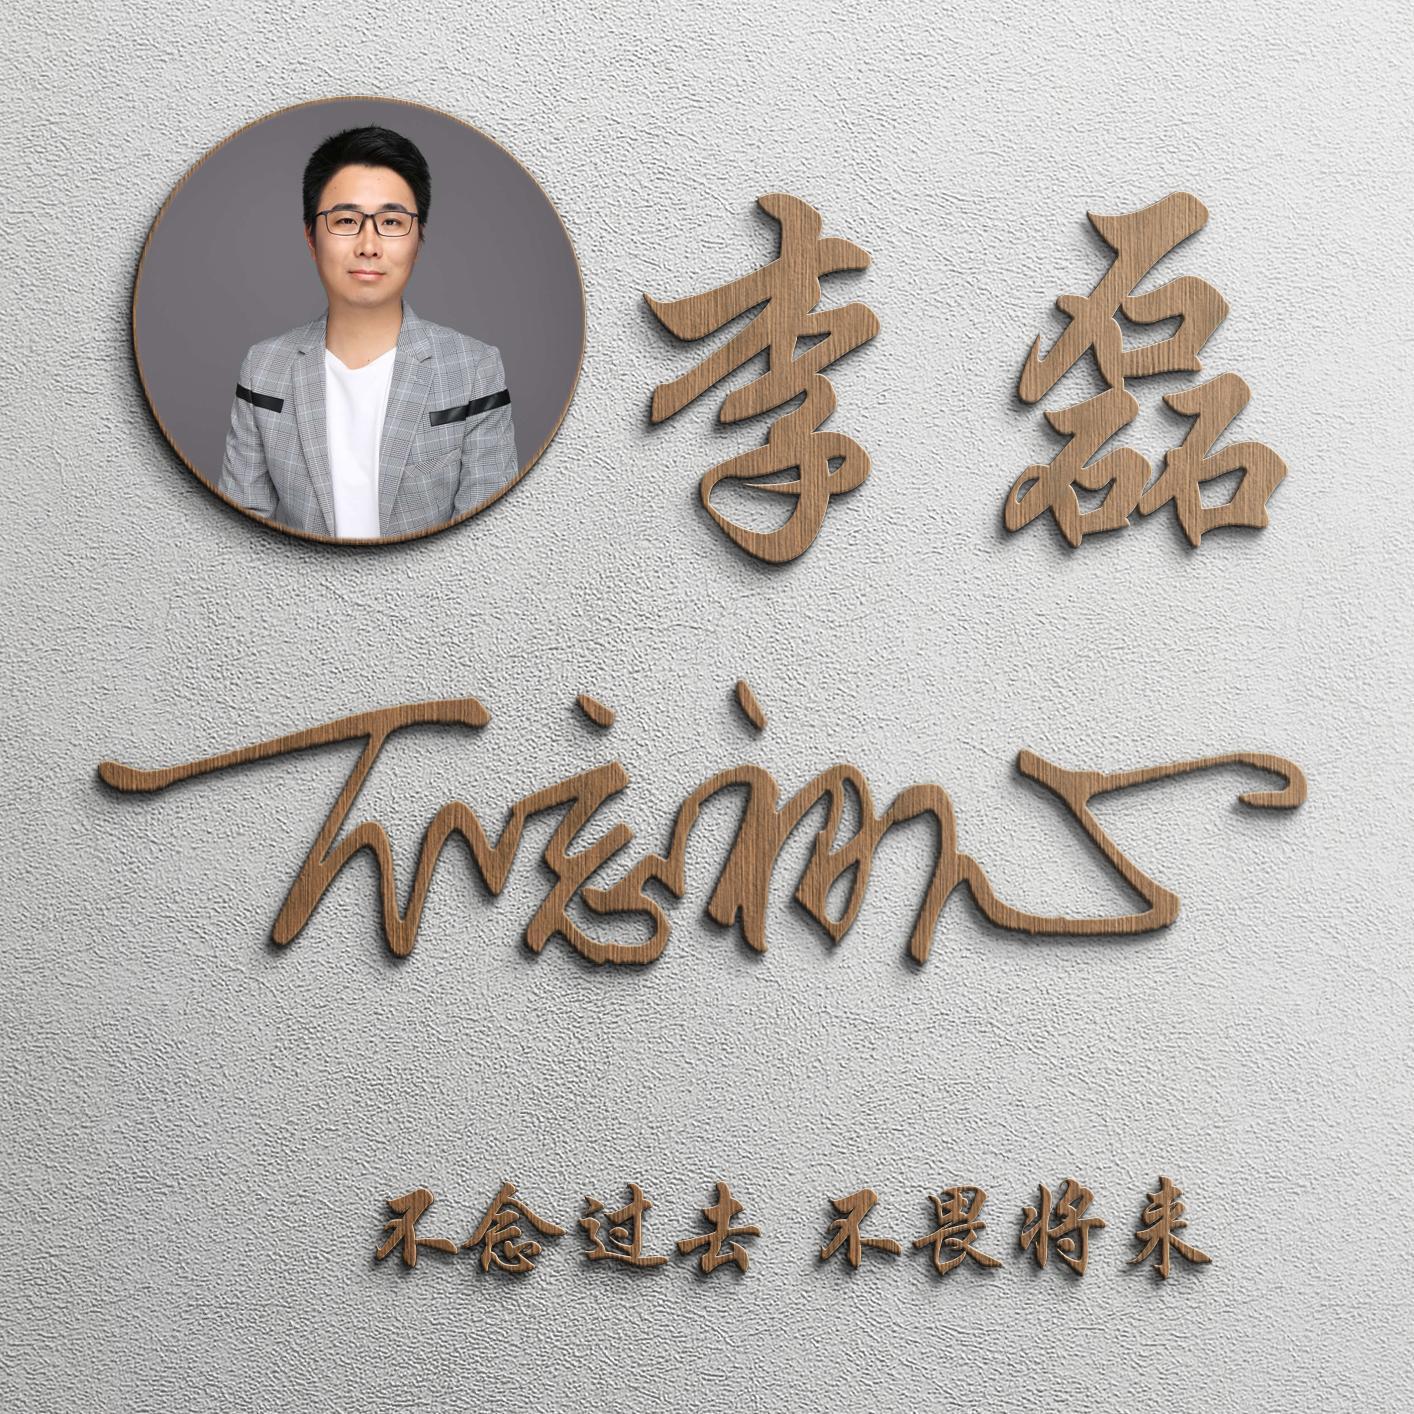 新款大气纹理木质立体签名头像,创意微信头像设计,喜欢请带走